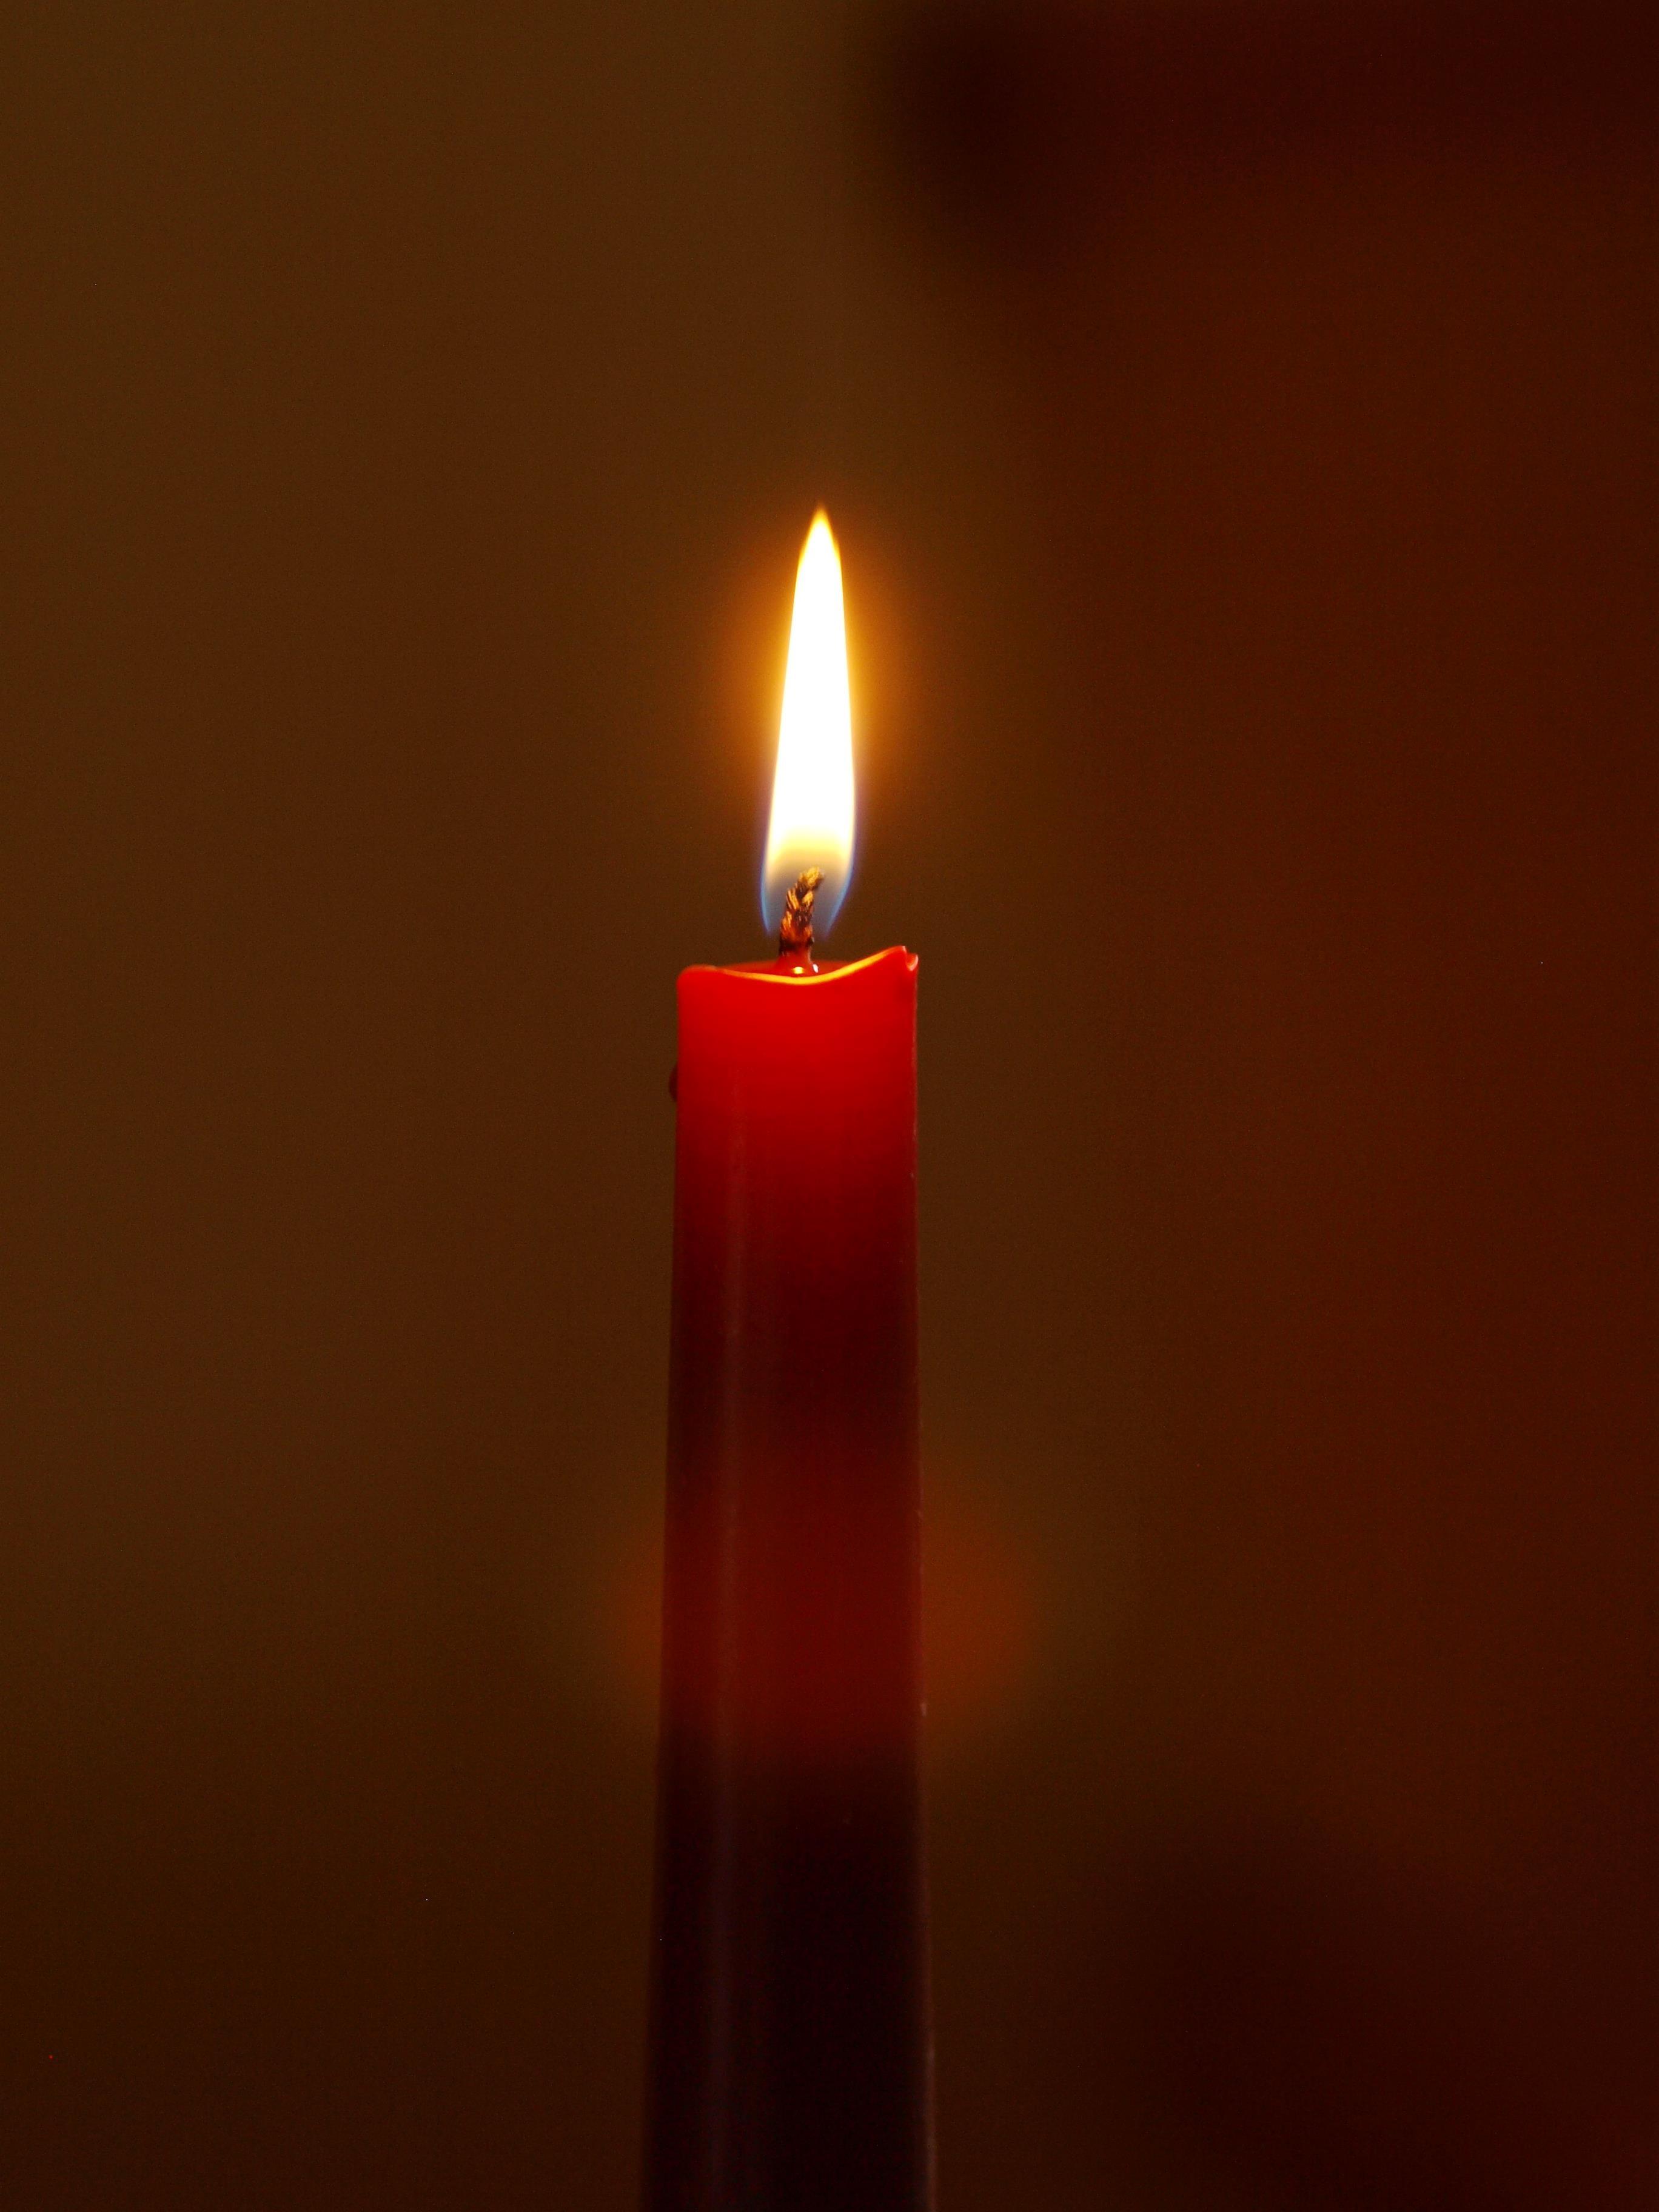 свеча смотреть онлайн россии без приезжих